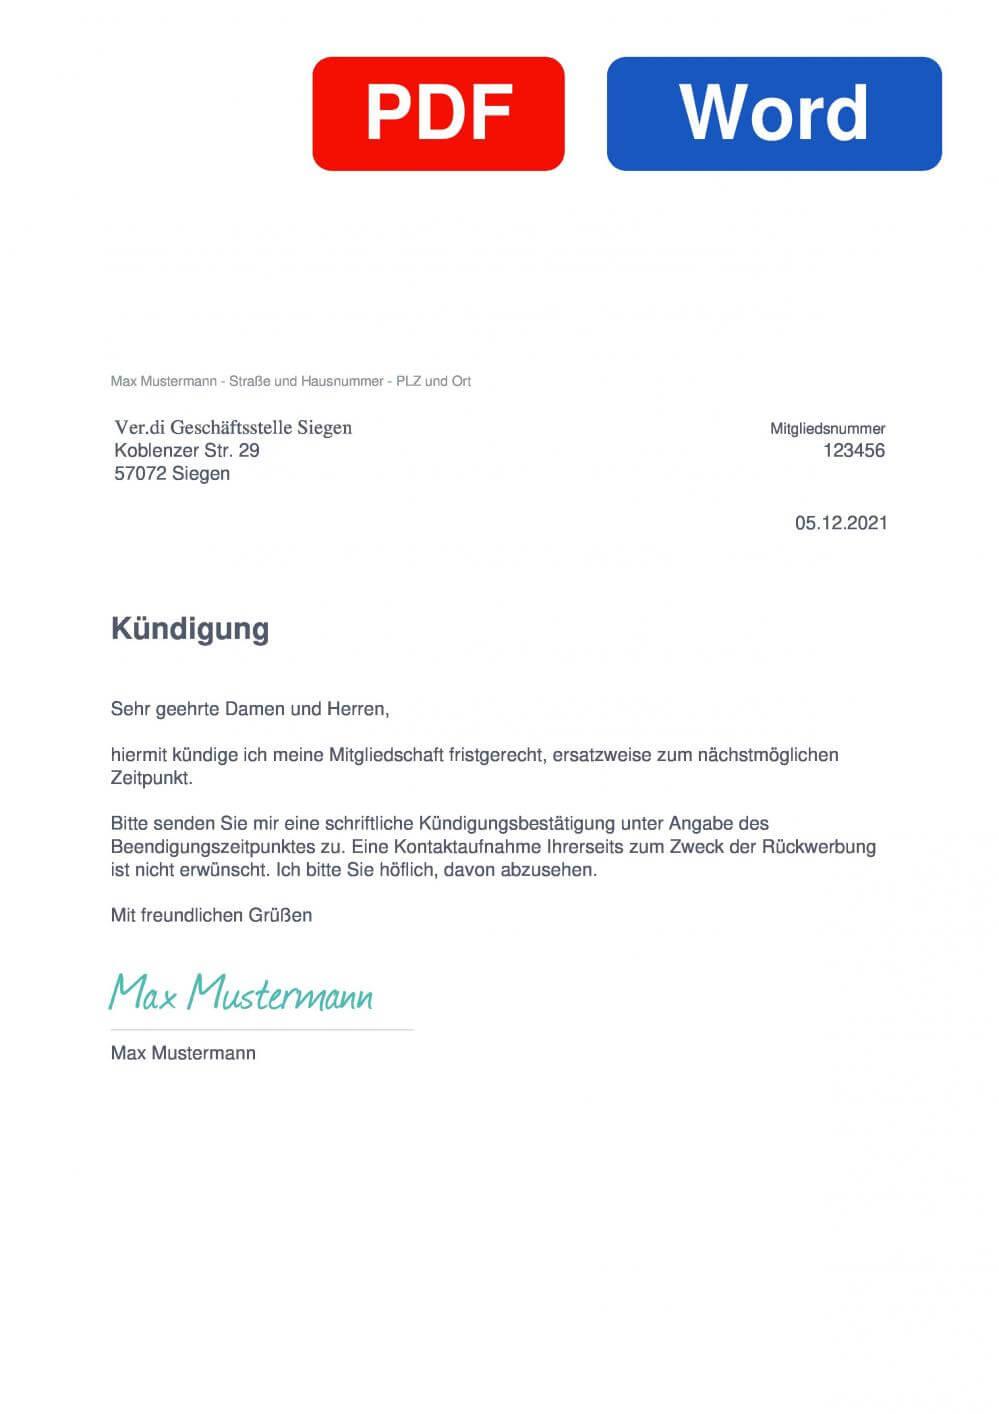 Verdi Siegen Muster Vorlage für Kündigungsschreiben